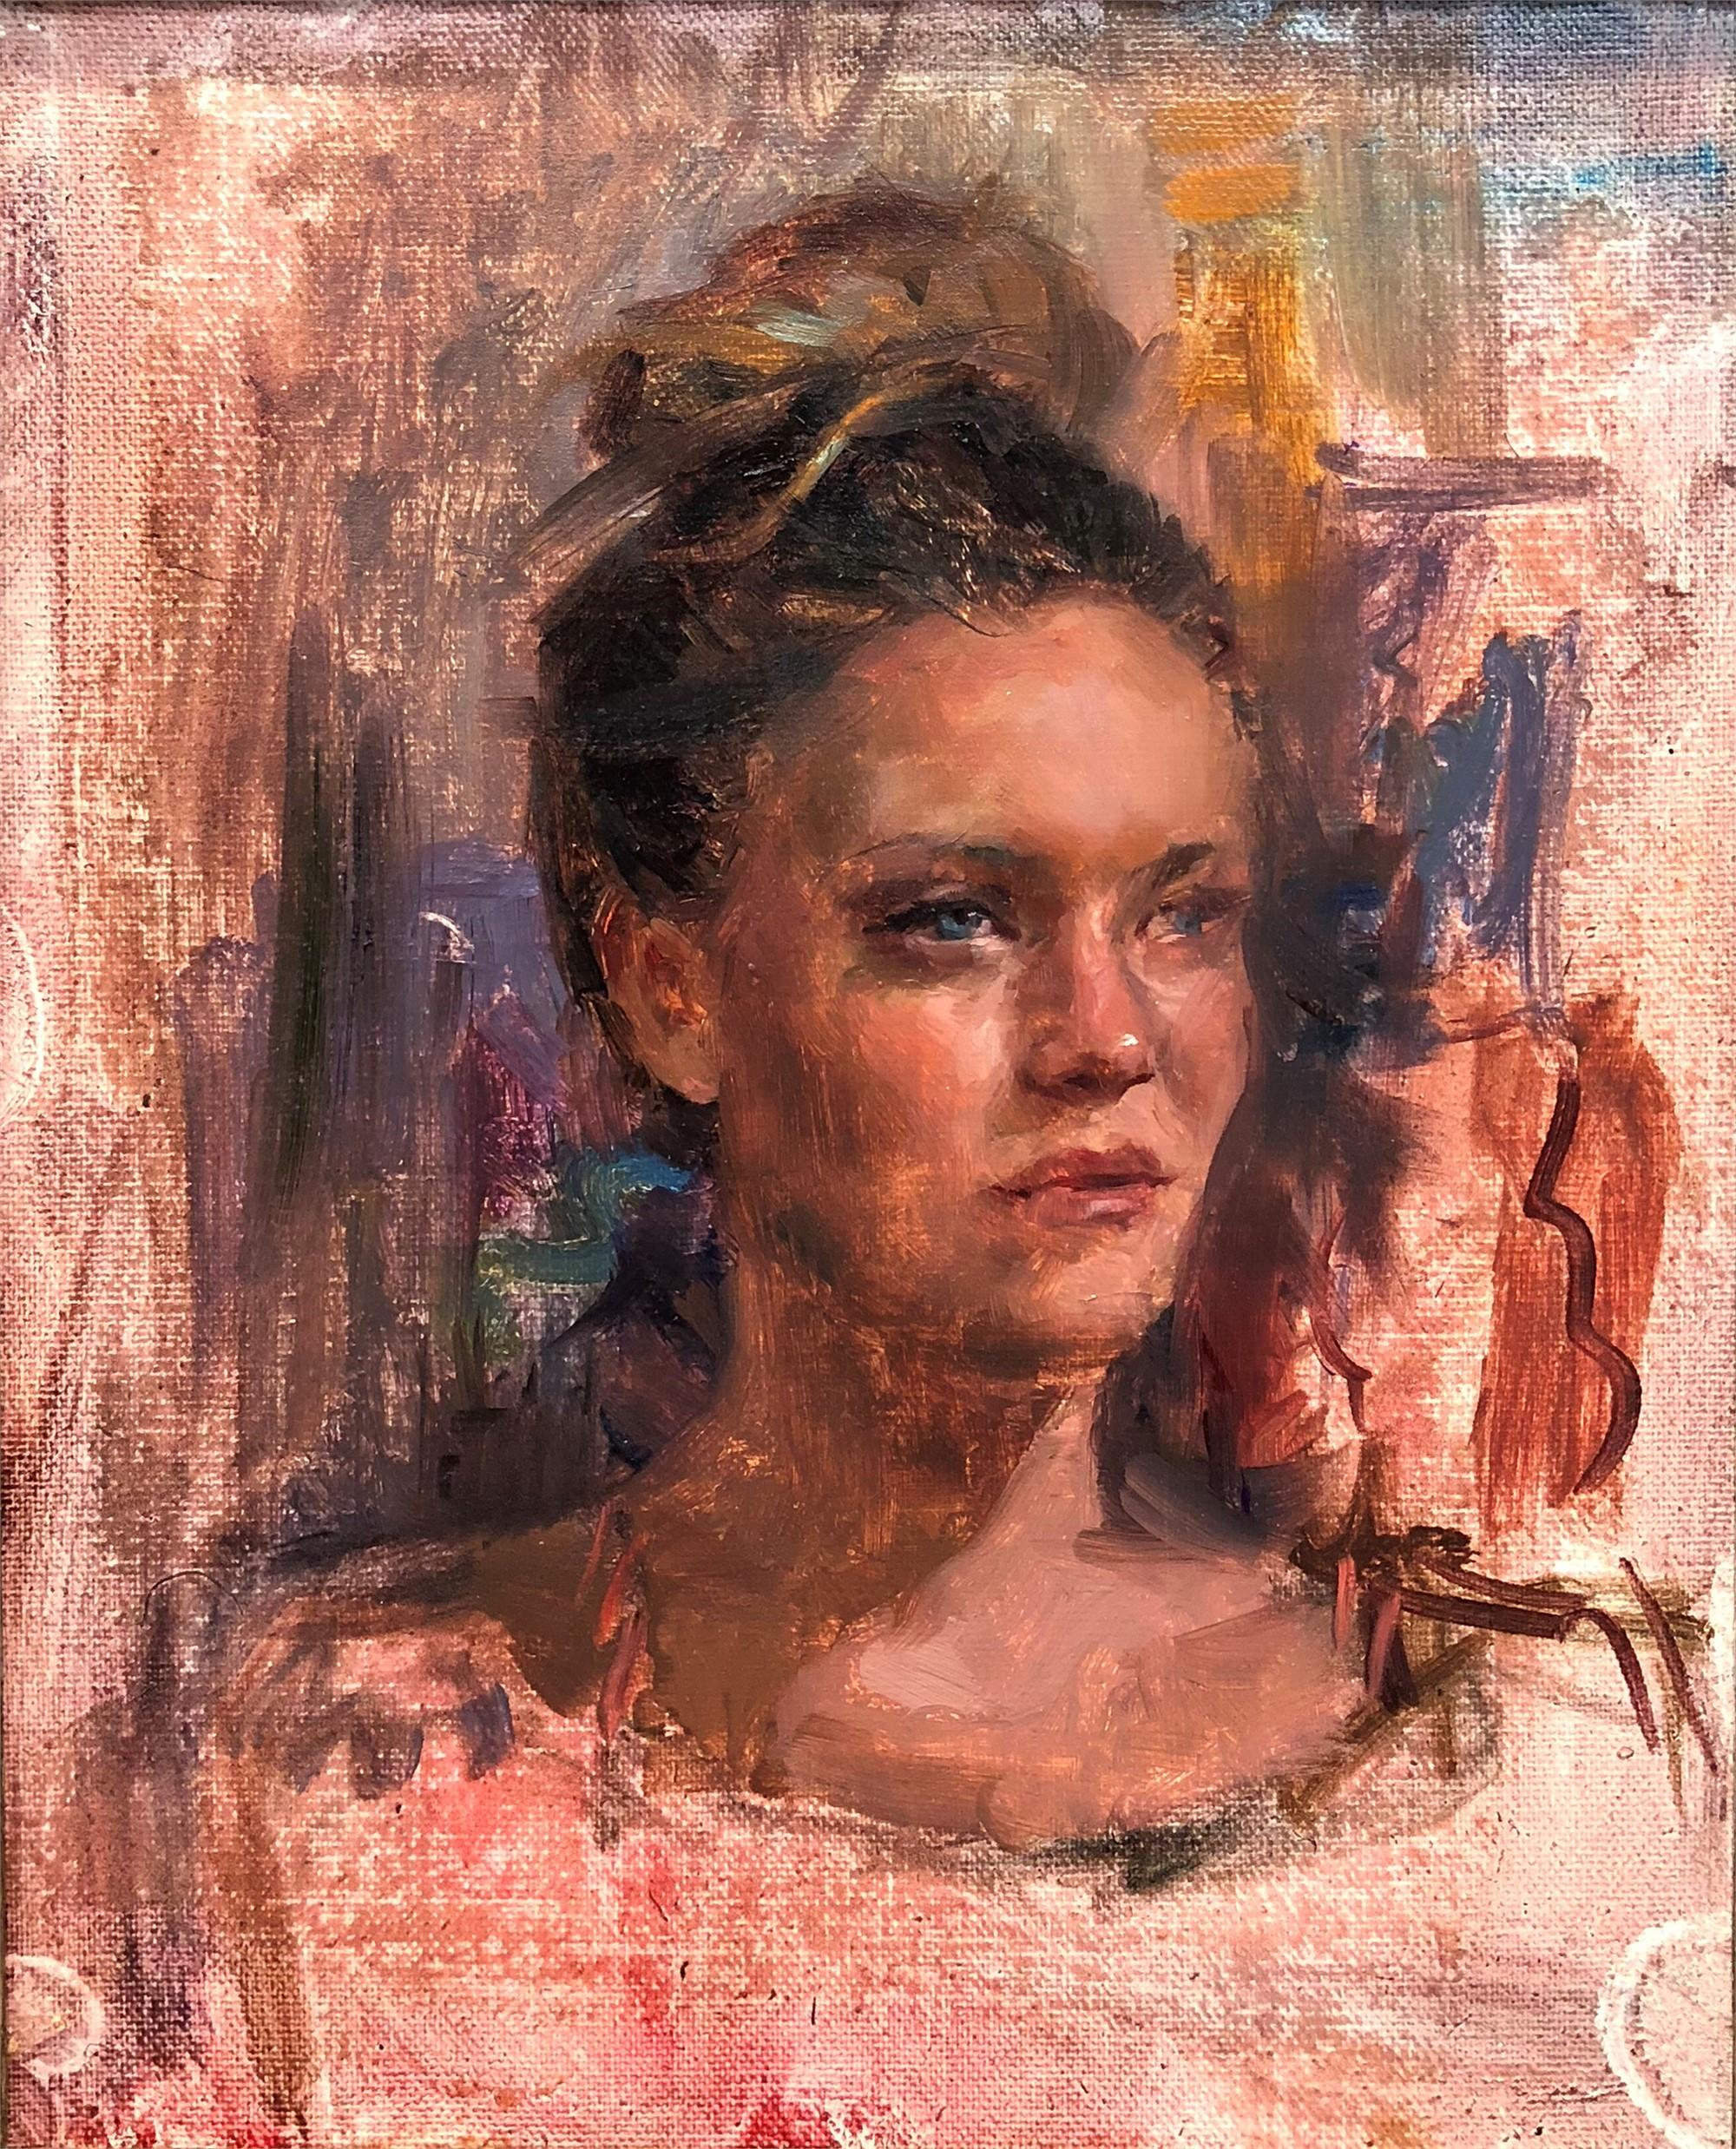 Jess Study by Natalia Fabia